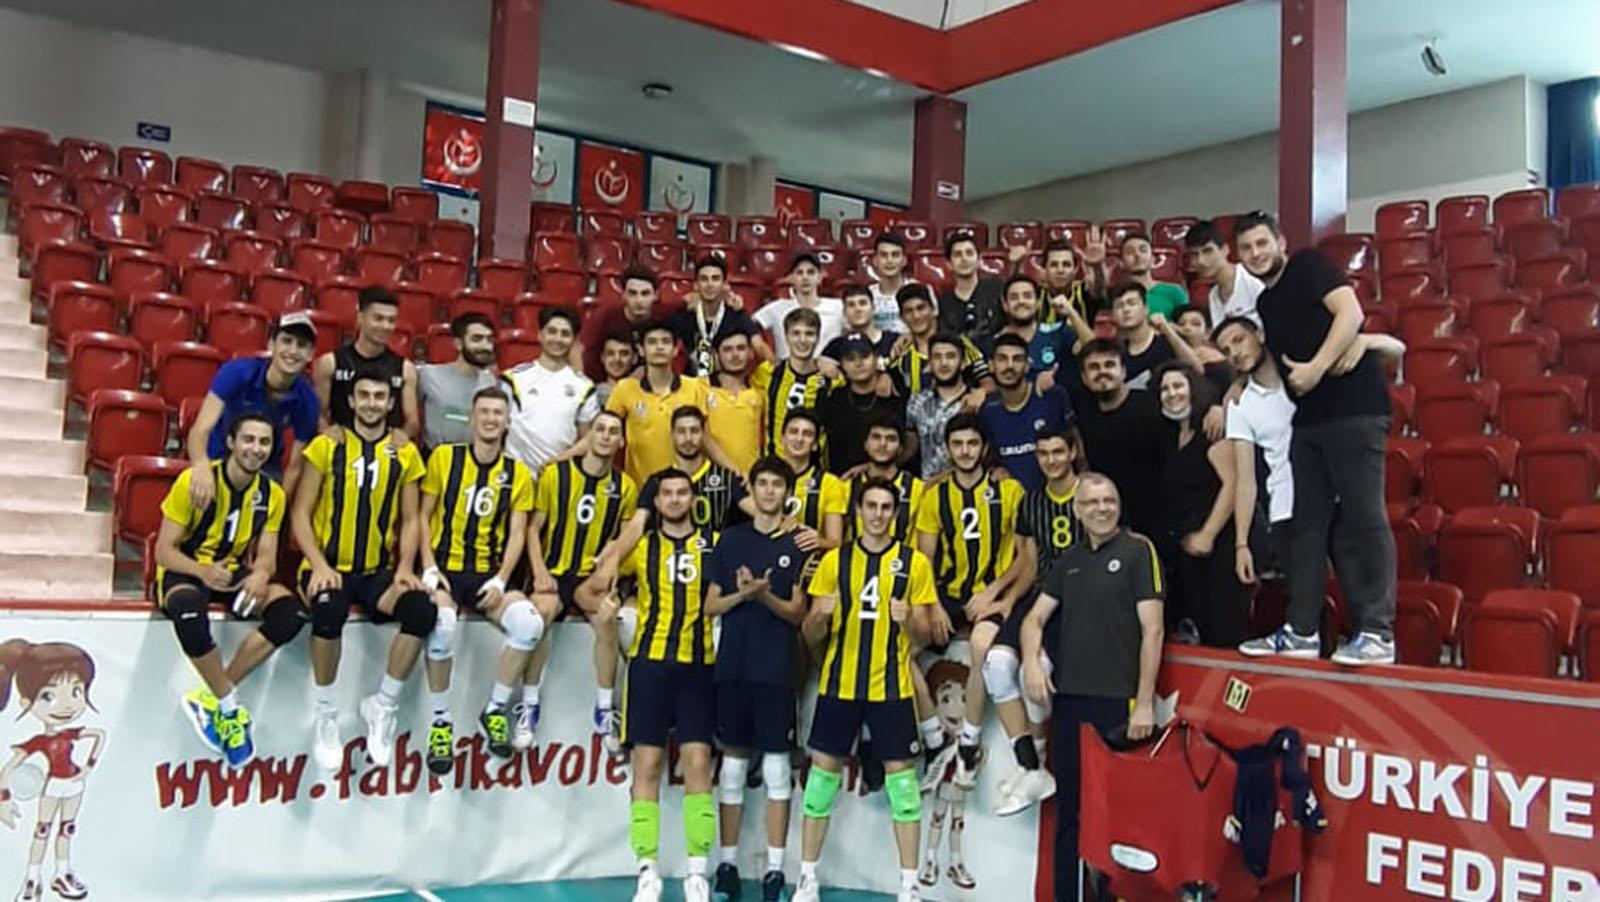 Fenerbahçe 3-0 Melikgazi Belediyesi (Genç Erkekler Türkiye Şampiyonası)